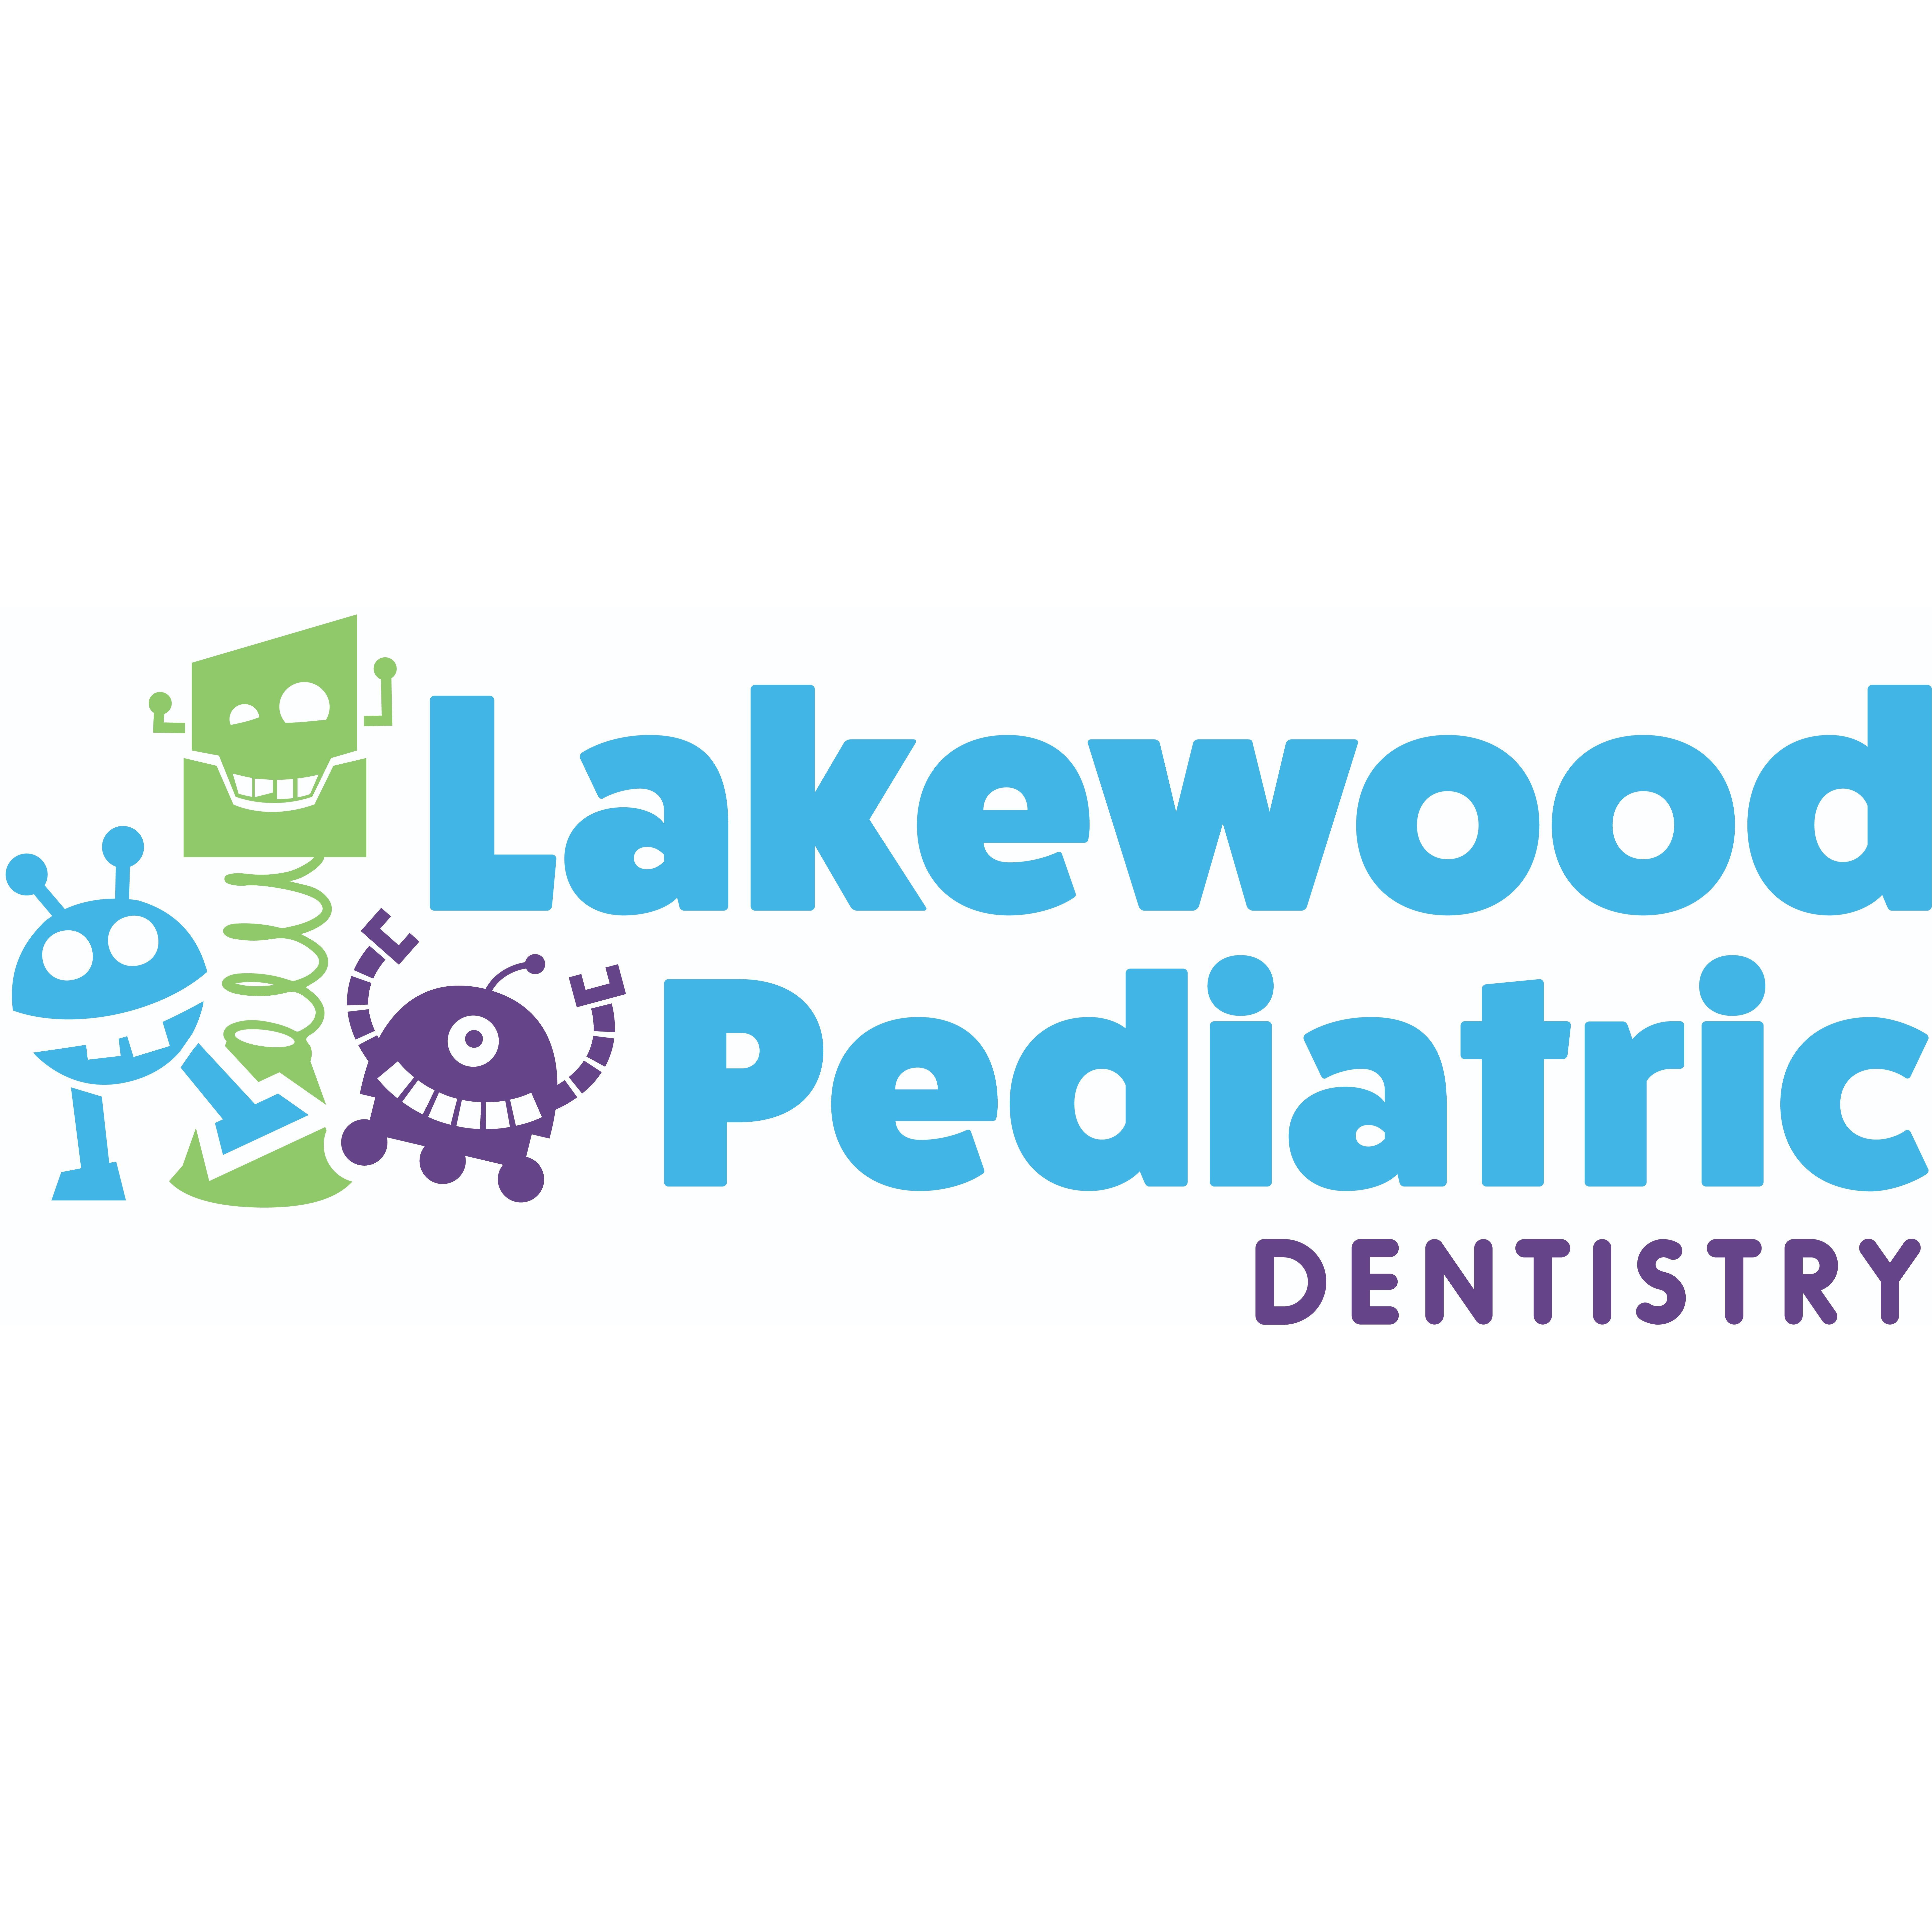 Lakewood Pediatric Dentistry